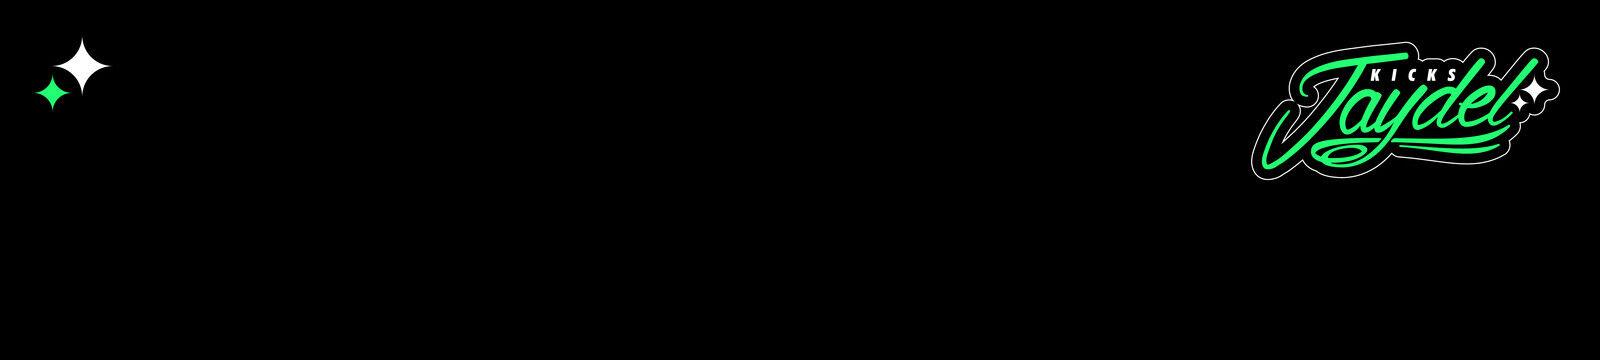 jaydelkicks